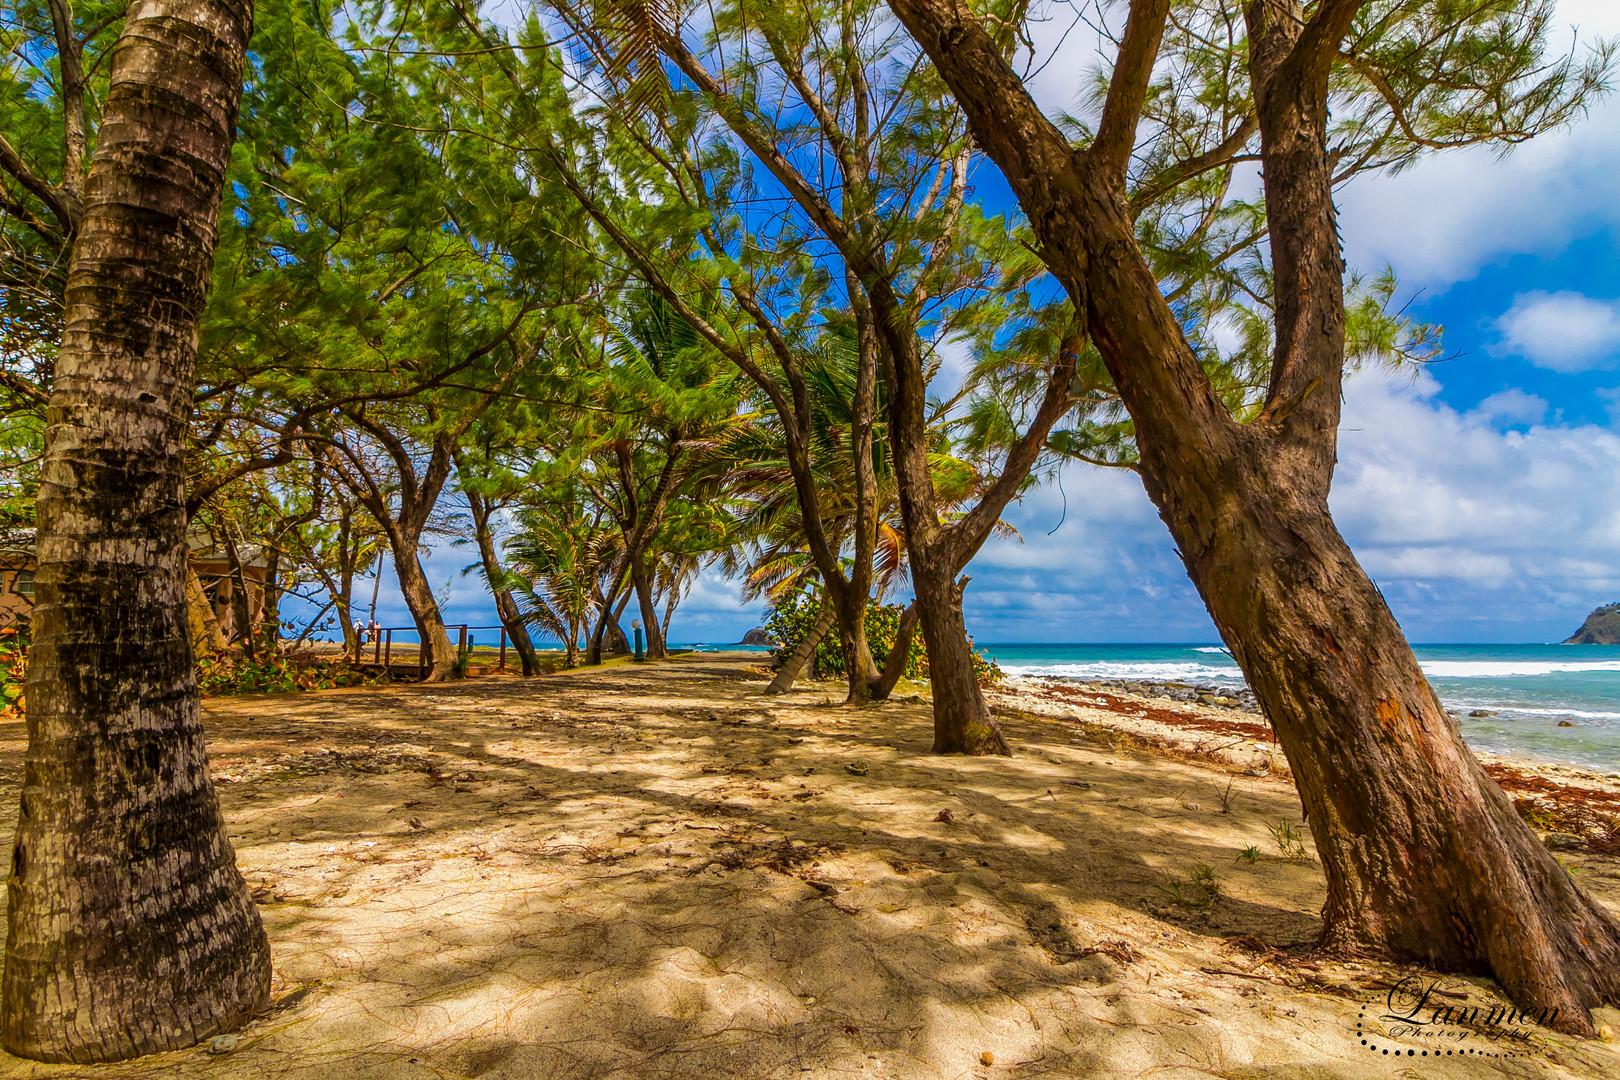 Saint Lucia Landscape Photogaphy Pigeon